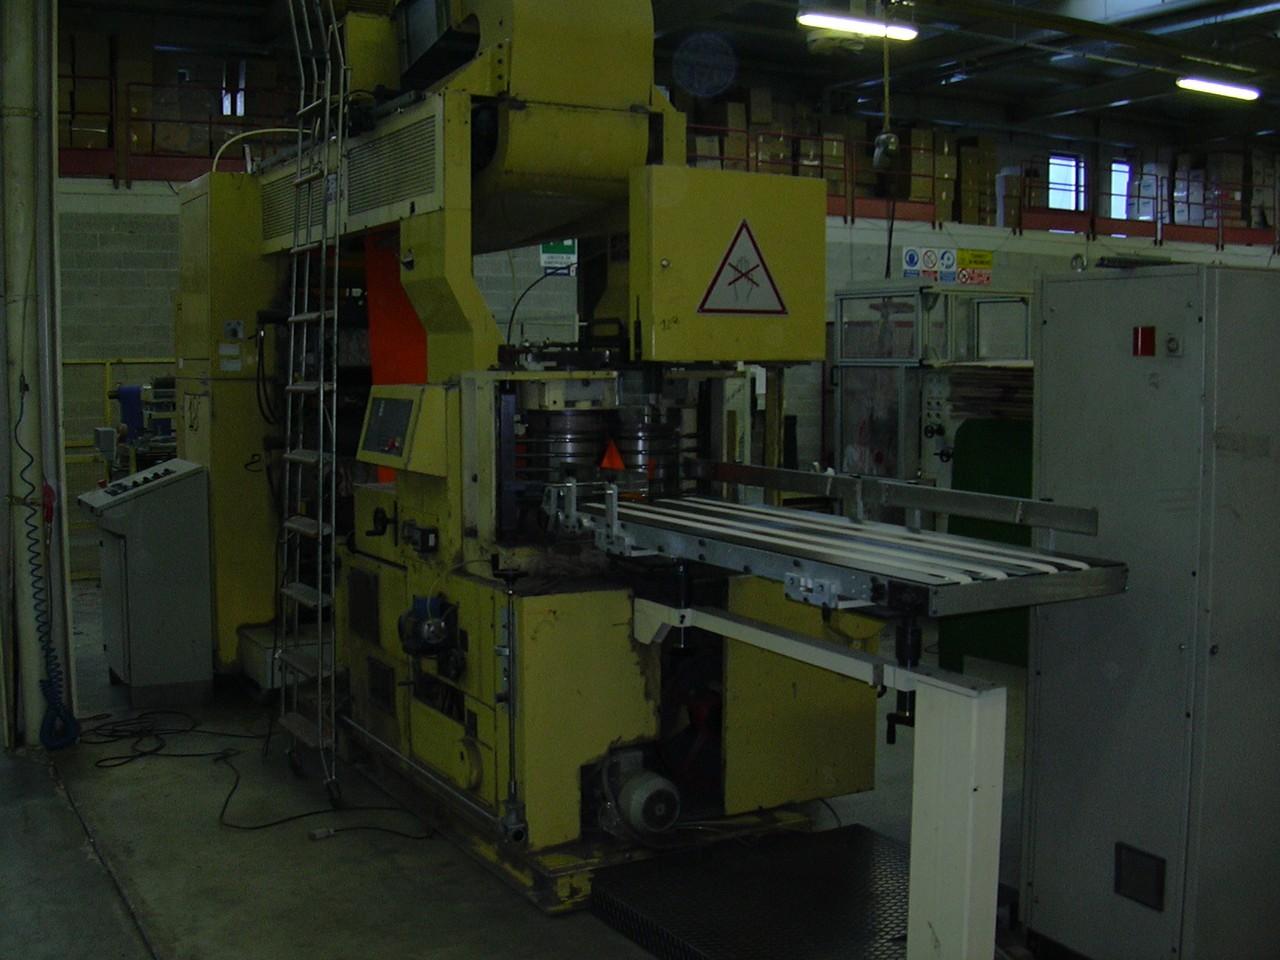 Macchina per la produzione di tovaglioli omet tv 501 - Macchina per decorare carta ...